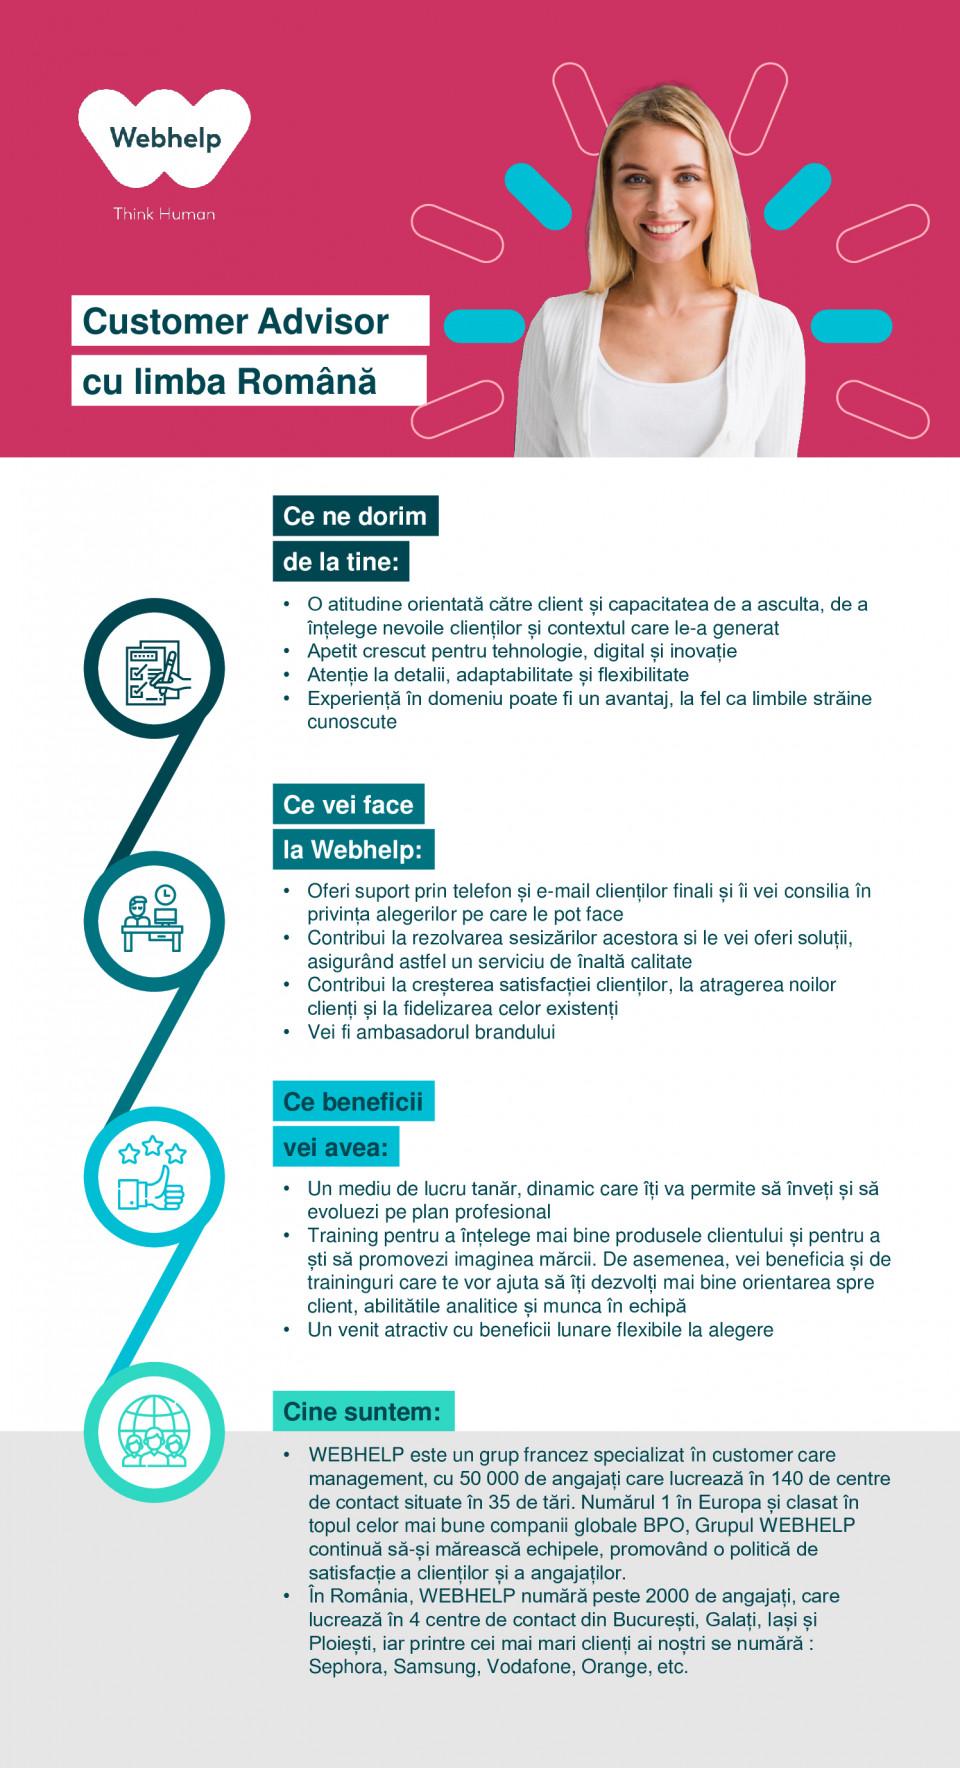 Consilier client – Limba Română Call center, consilier client, romana, retail, customer care  Ce ne dorim de la tine: Ce beneficii vei avea: Ce vei face la Webhelp: Cine suntem: • O atitudine orientată către client și capacitatea de a asculta, de a înțelege nevoile clienților și contextul care le-a generat • Apetit crescut pentru tehnologie, digital și inovație • Atenție la detalii, adaptabilitate și flexibilitate • Experiență în domeniu poate fi un avantaj, la fel ca limbile străine cunoscute • Oferi suport prin telefon și e-mail clienților finali și îi vei consilia în privința alegerilor pe care le pot face • Contribui la rezolvarea sesizărilor acestora si le vei oferi soluții, asigurând astfel un serviciu de înaltă calitate • Contribui la creșterea satisfacției clienților, la atragerea noilor clienți și la fidelizarea celor existenți • Vei fi ambasadorul brandului • Un mediu de lucru tanăr, dinamic care îți va permite să înveți și să evoluezi pe plan profesional • Training pentru a înțelege mai bine produsele clientului și pentru a ști să promovezi imaginea mărcii. De asemenea, vei beneficia și de traininguri care te vor ajuta să îți dezvolți mai bine orientarea spre client, abilitătile analitice și munca în echipă • Un venit atractiv cu beneficii lunare flexibile la alegere • WEBHELP este un grup francez specializat în customer care management, cu 50 000 de angajați care lucrează în 140 de centre de contact situate în 35 de tări. Numărul 1 în Europa și clasat în topul celor mai bune companii globale BPO, Grupul WEBHELP continuă să-și mărească echipele, promovând o politică de satisfacție a clienților și a angajaților. • În România, WEBHELP numără peste 2000 de angajați, care lucrează în 4 centre de contact din București, Galați, Iași și Ploiești, iar printre cei mai mari clienți ai noștri se numără : Sephora, Samsung, Vodafone, Orange, etc.